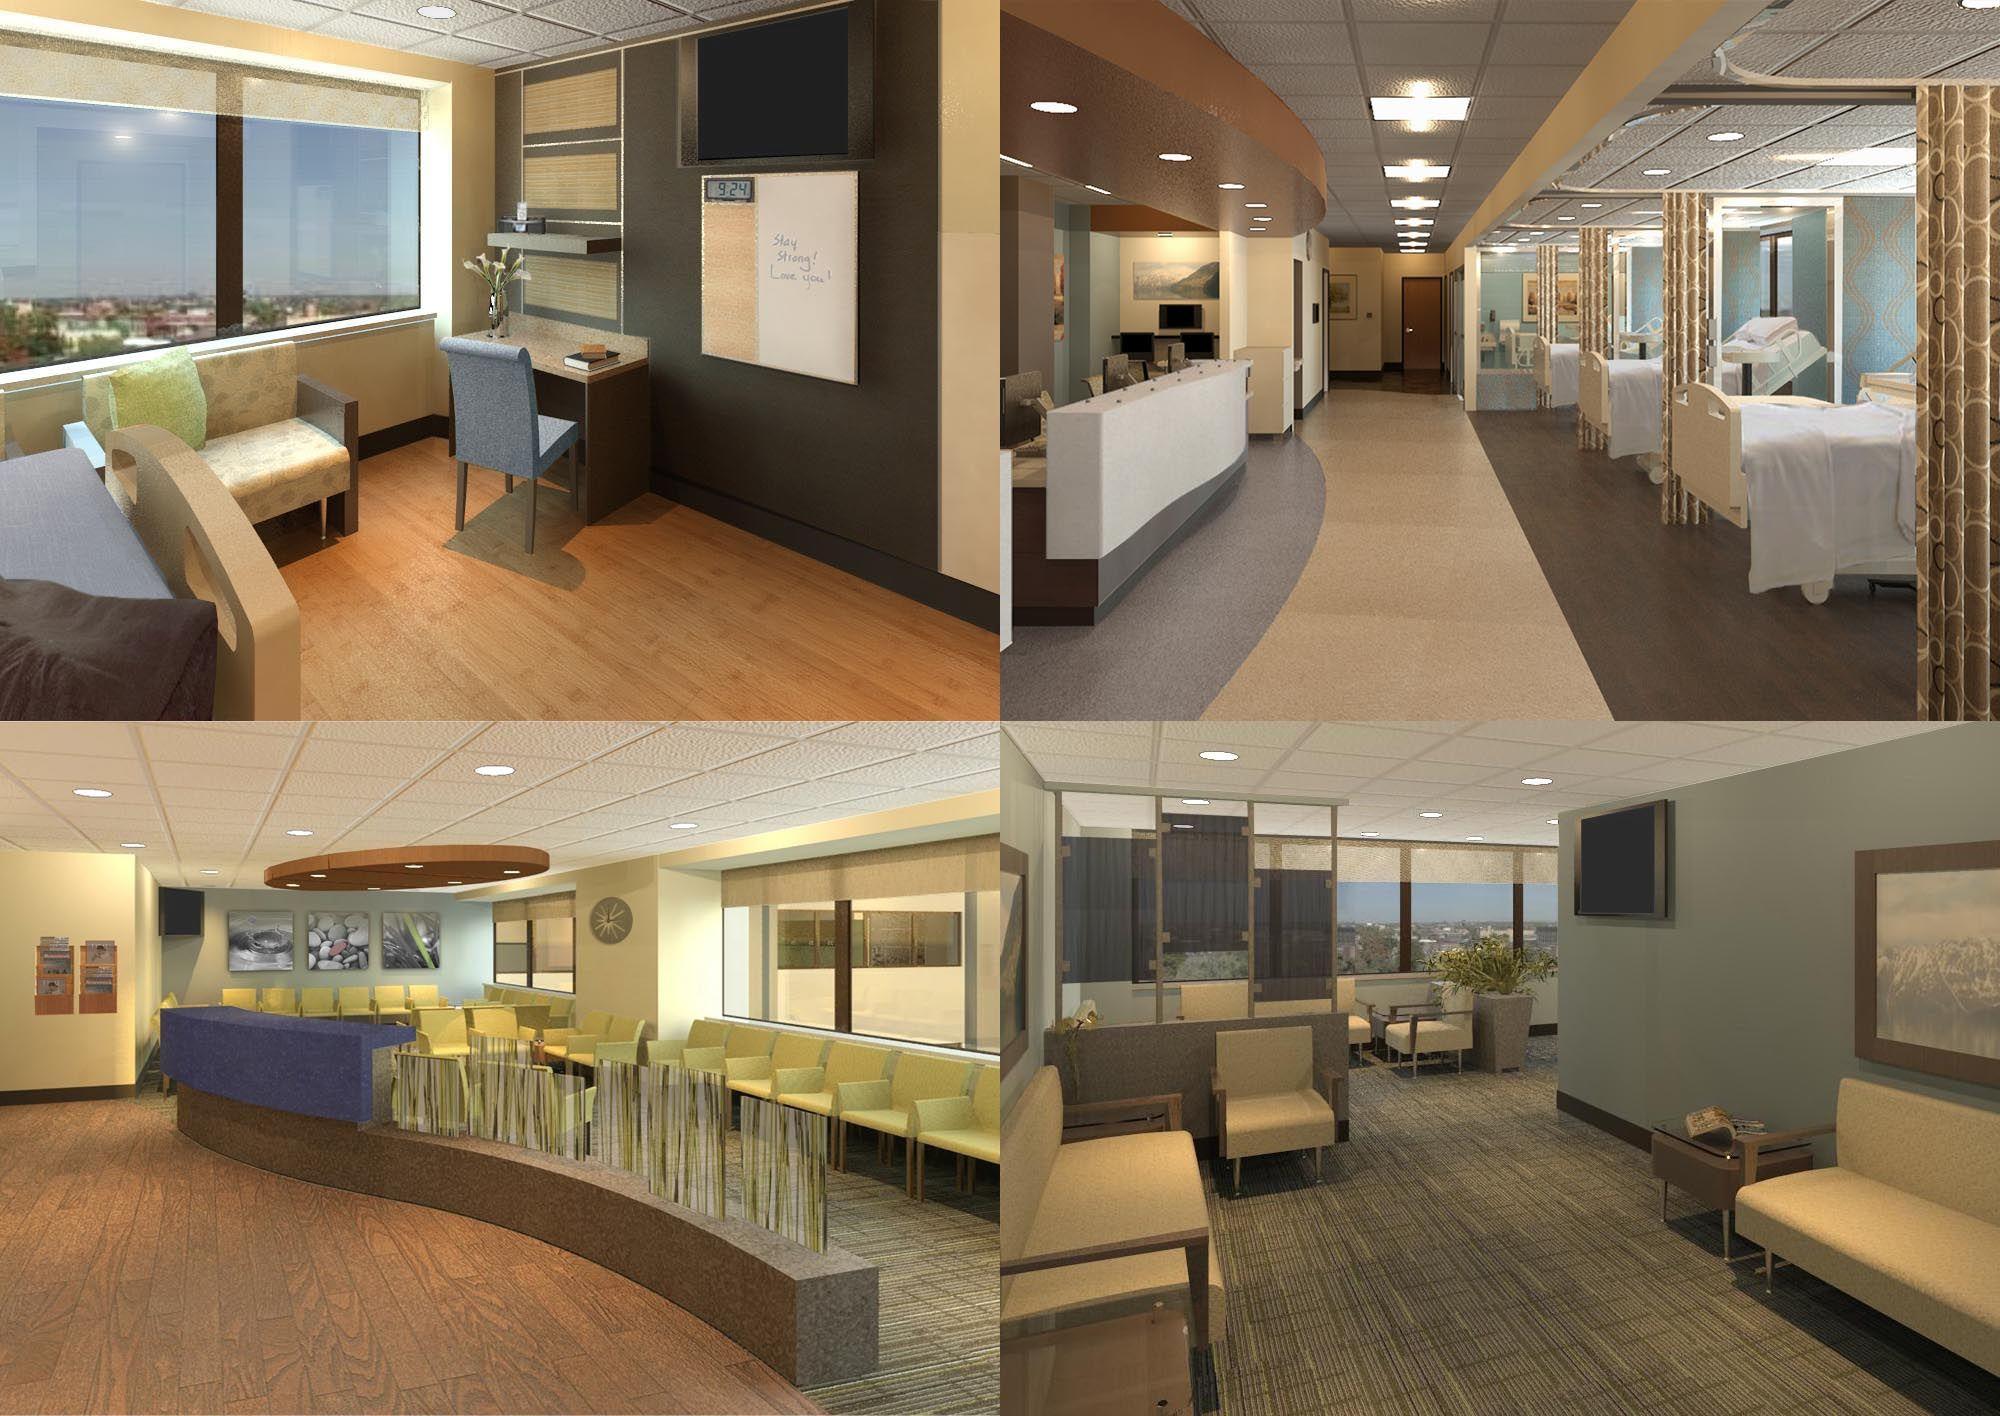 Healthcare Interior Design Trends The